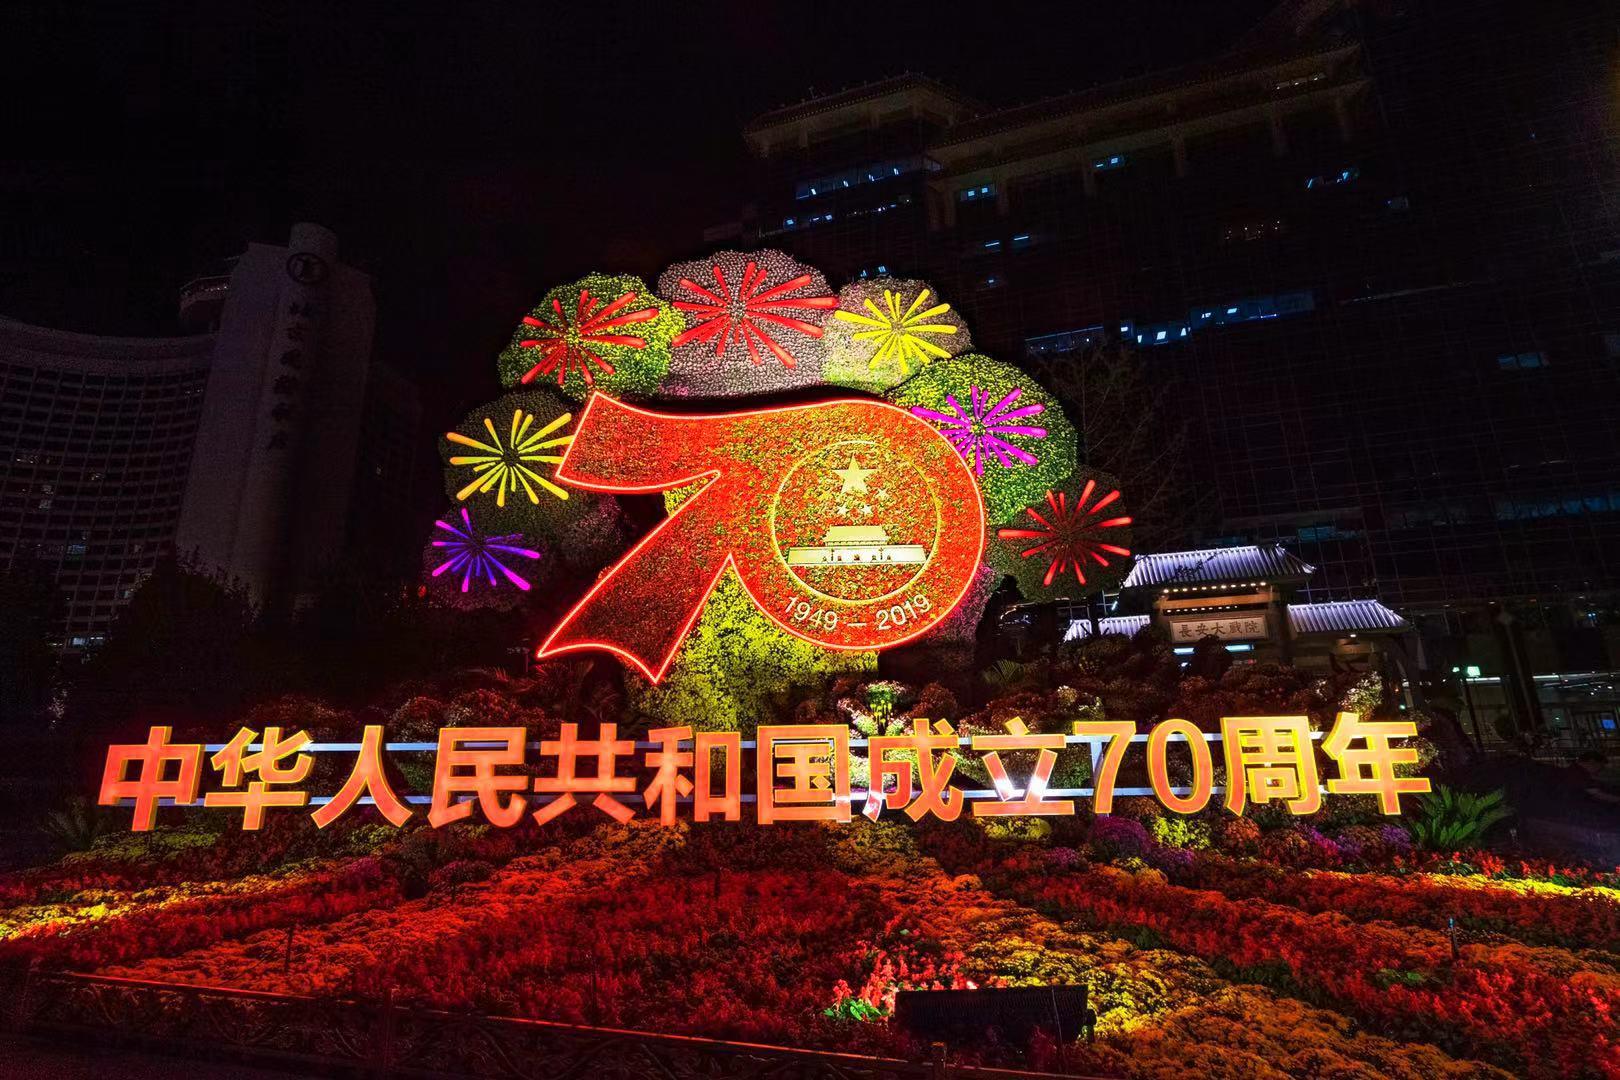 AG平台祝新老客户国庆快乐!祝祖国繁荣昌盛!